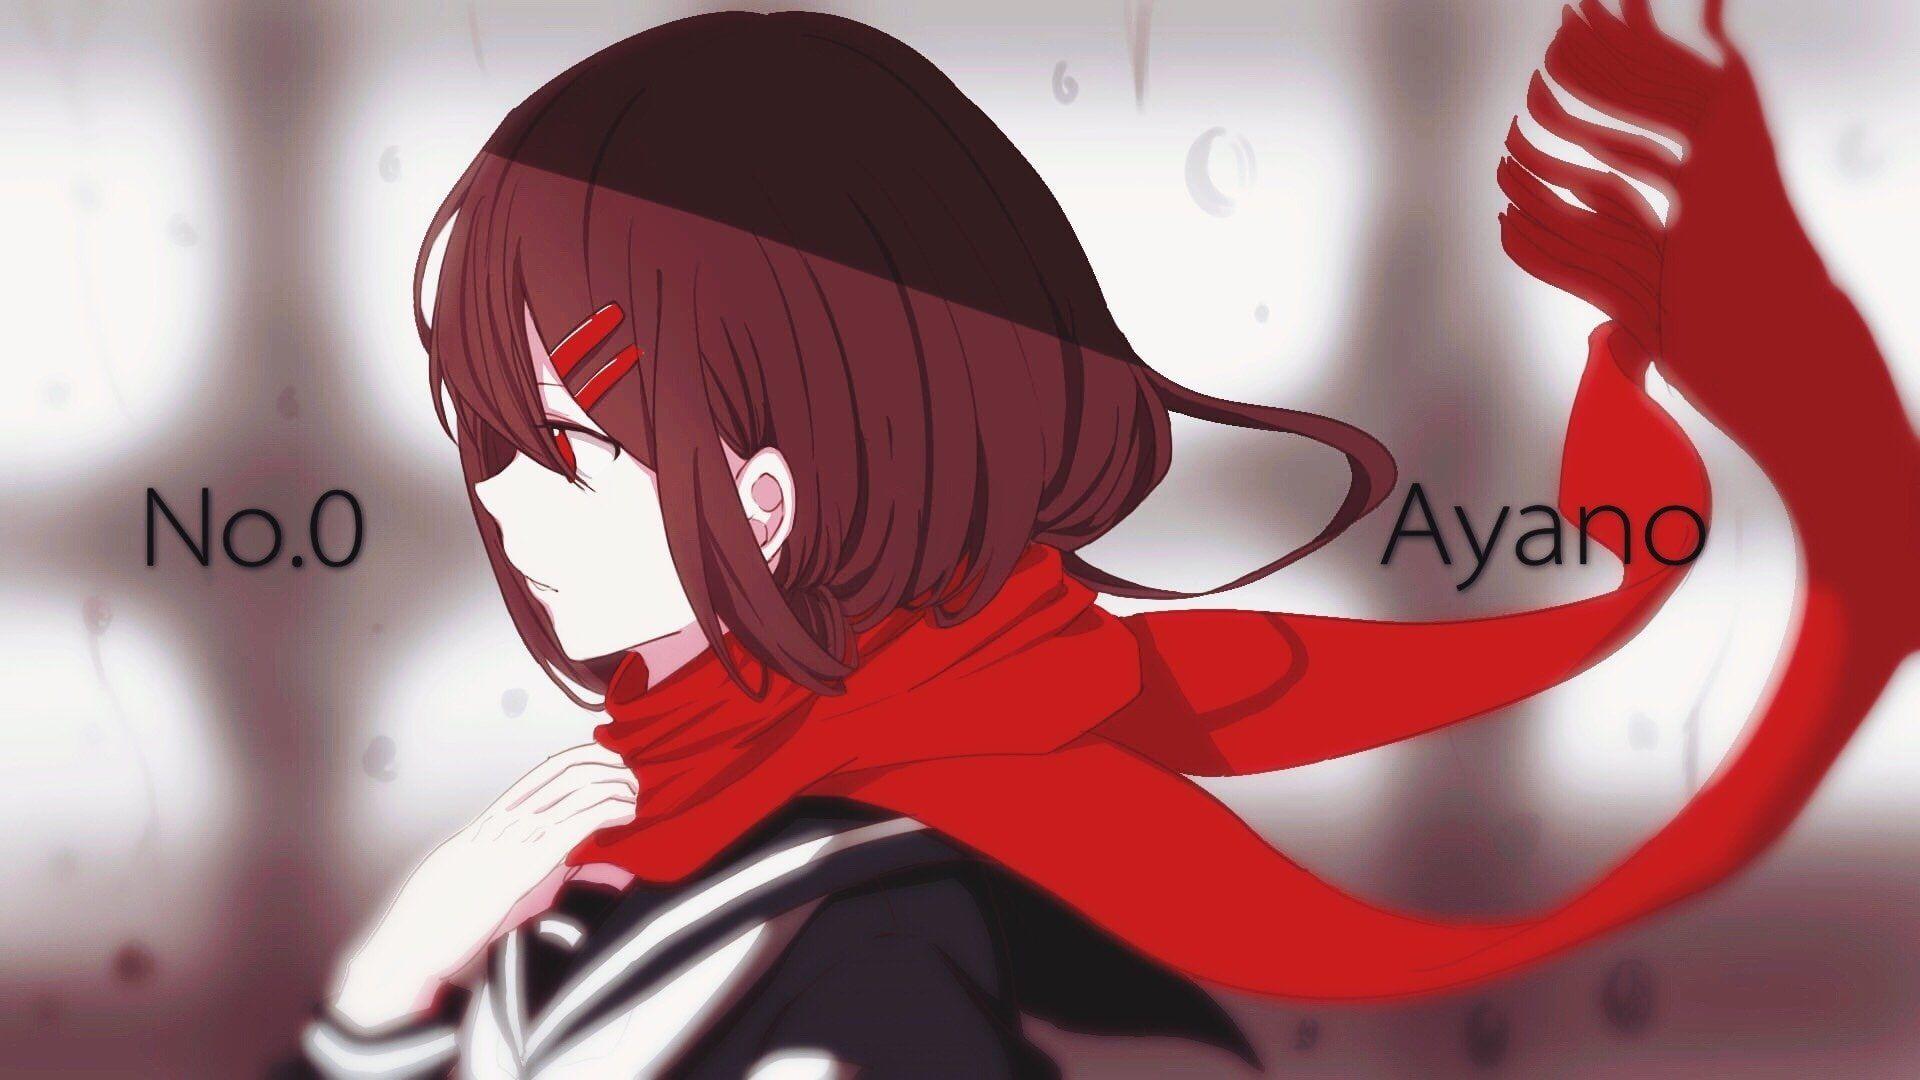 HD wallpaper: Anime, Kagerou Project, Ayano Tateyama